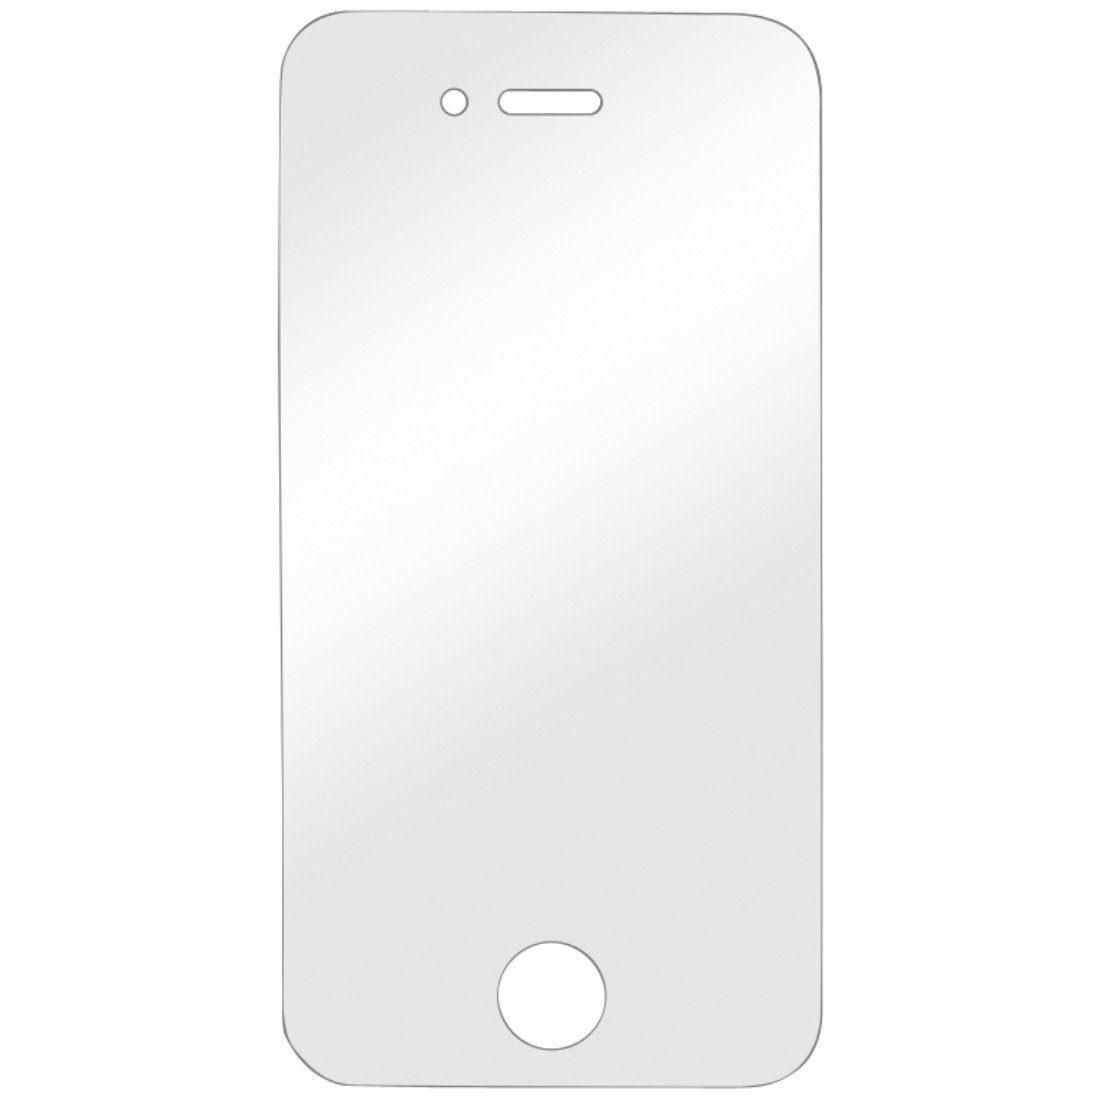 Hama Display-Schutzfolie Crystal Clear für Apple iPhone 4/4s, 2